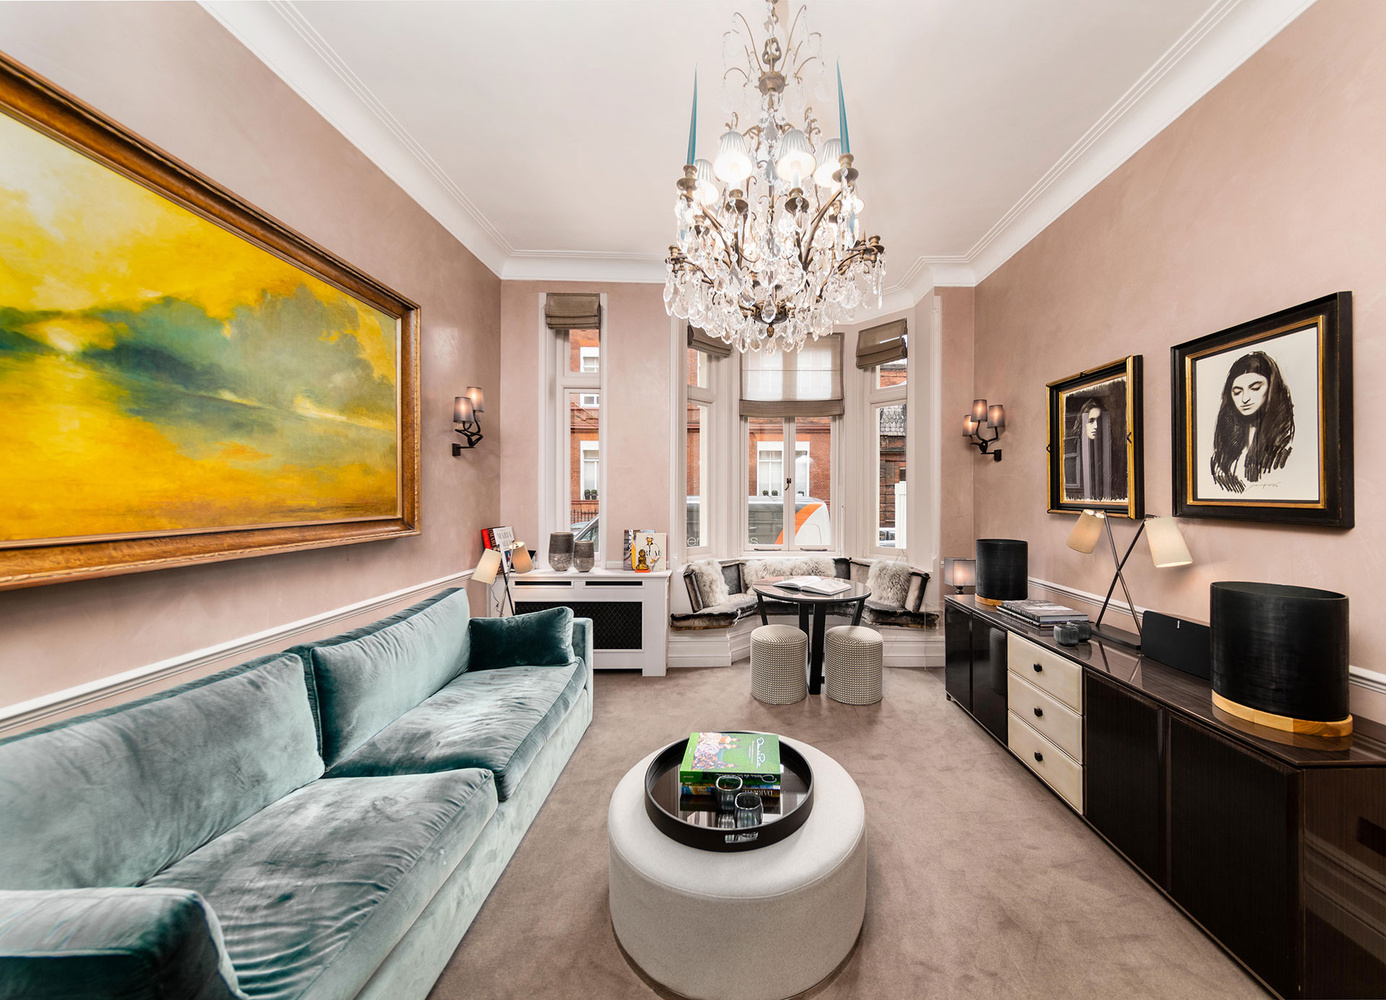 London Property by Bill Zidis